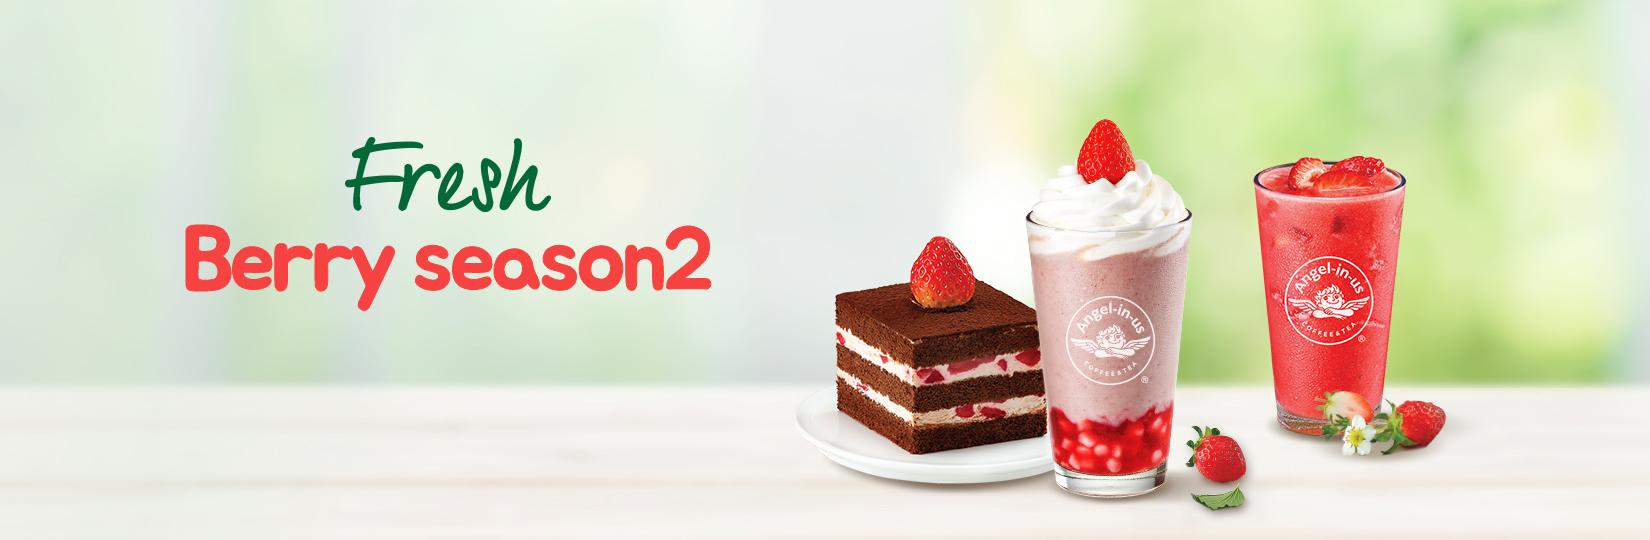 2020년 2월 Fresh Berry season 2